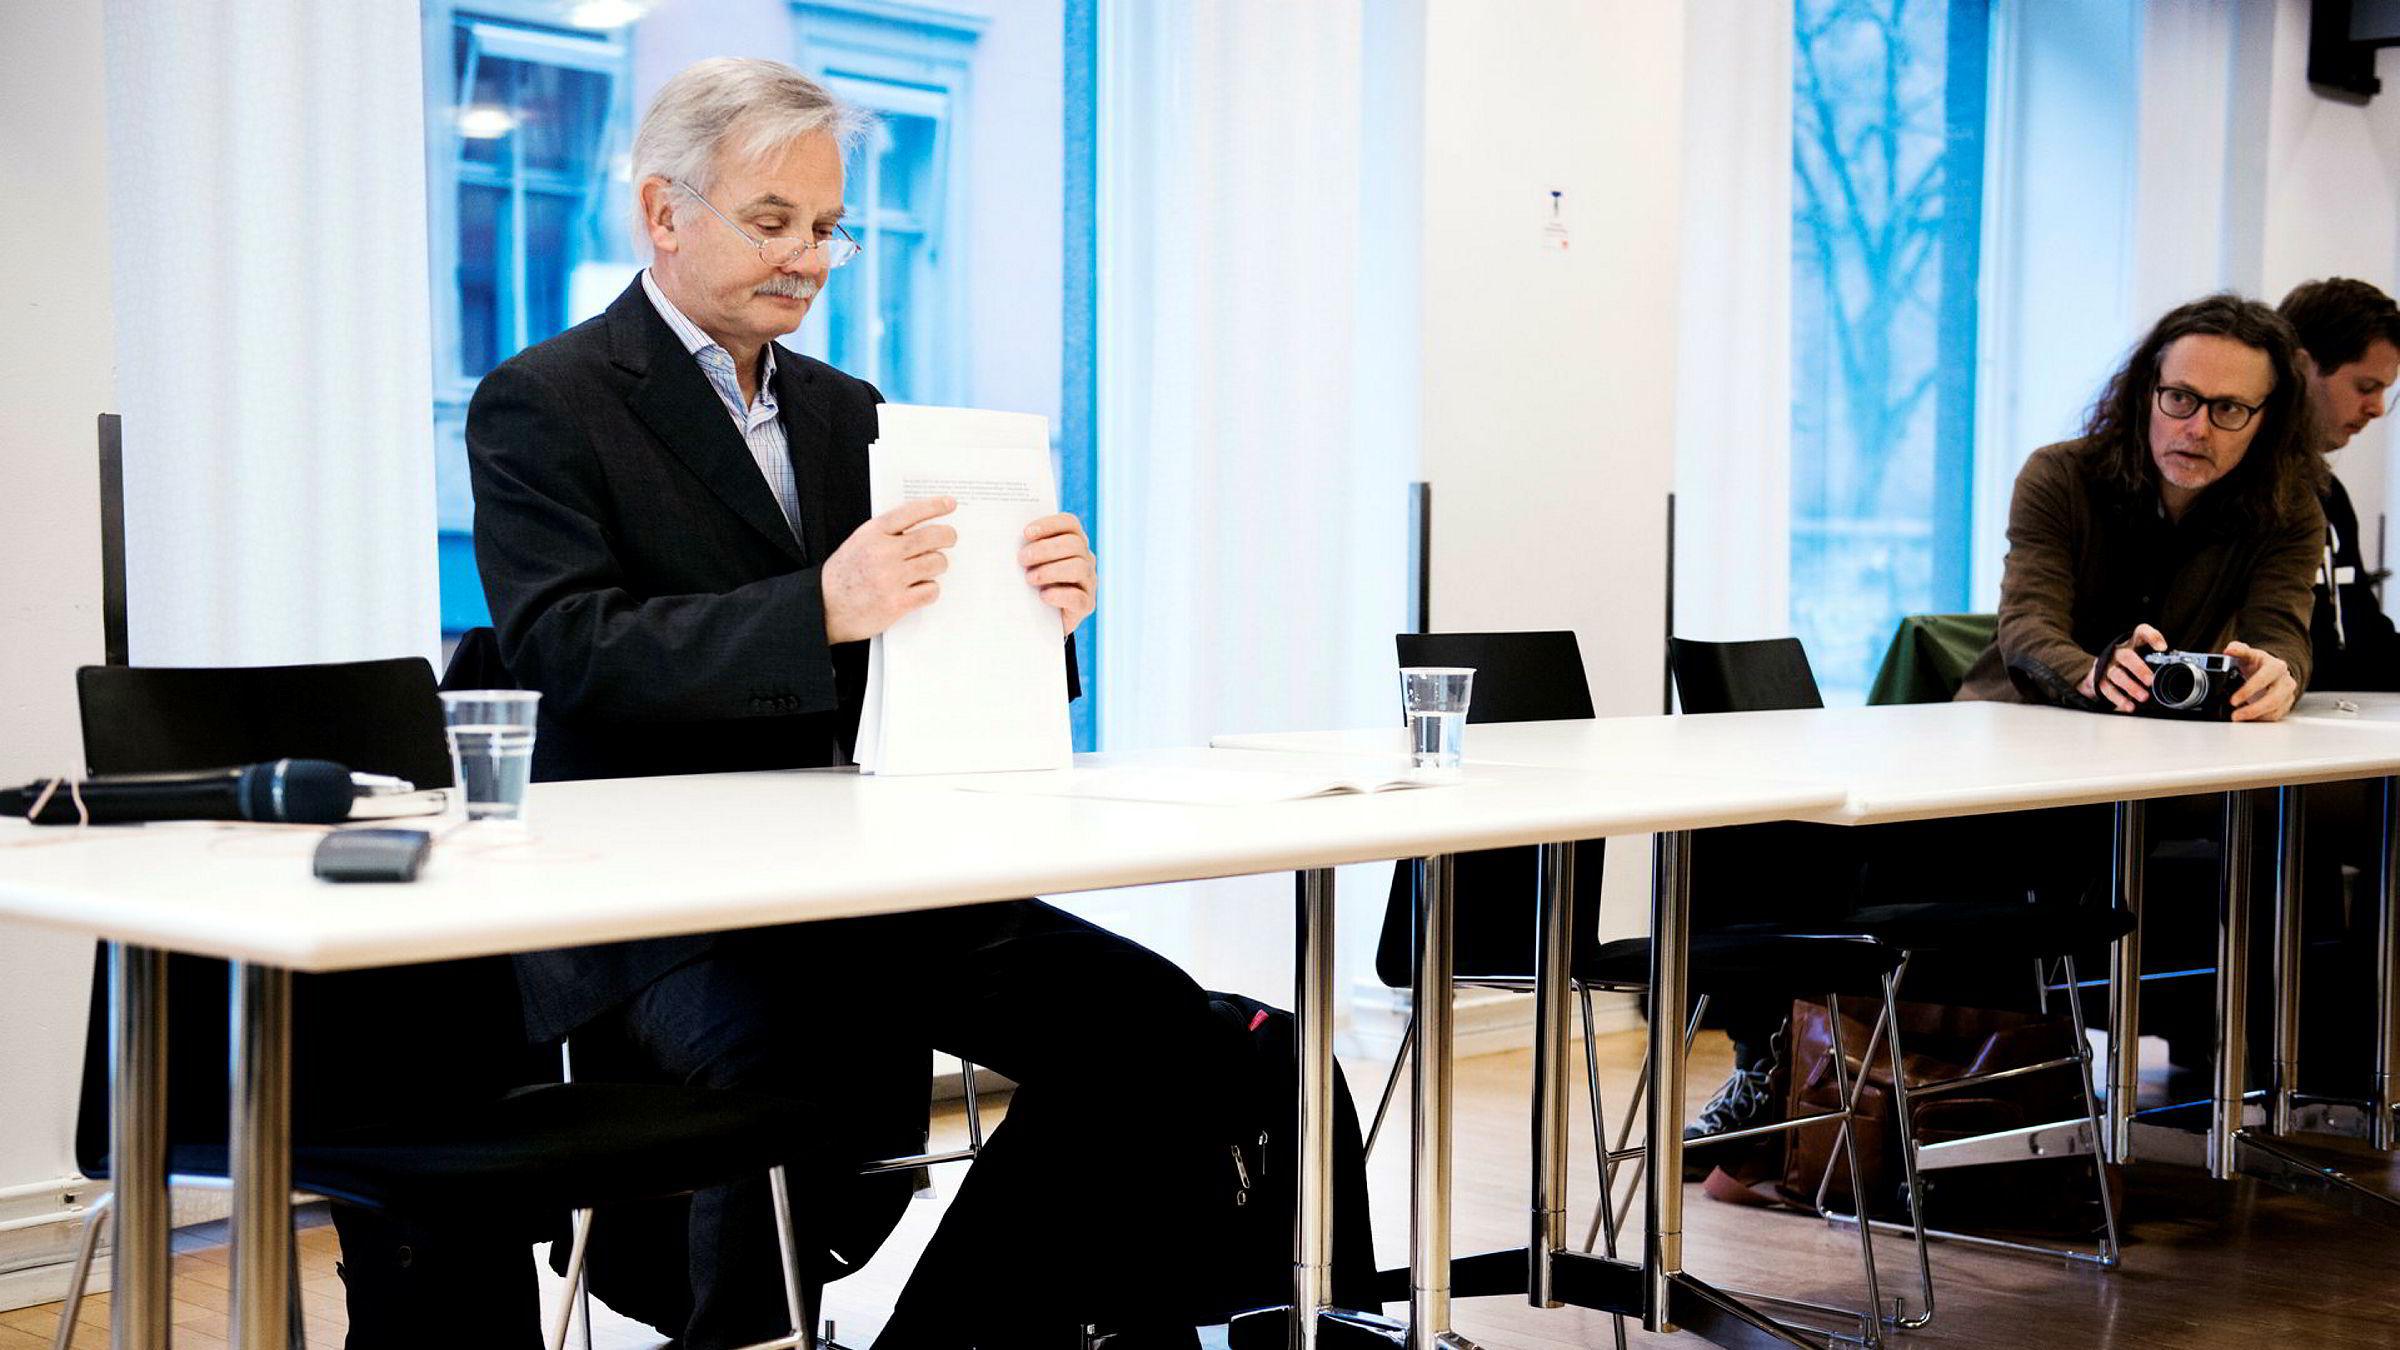 SSB-forsker Ådne Cappelen mener rapporten fra SSBs strategigruppe ikke svarer på grunnleggende spørsmål om SSBs forskning.